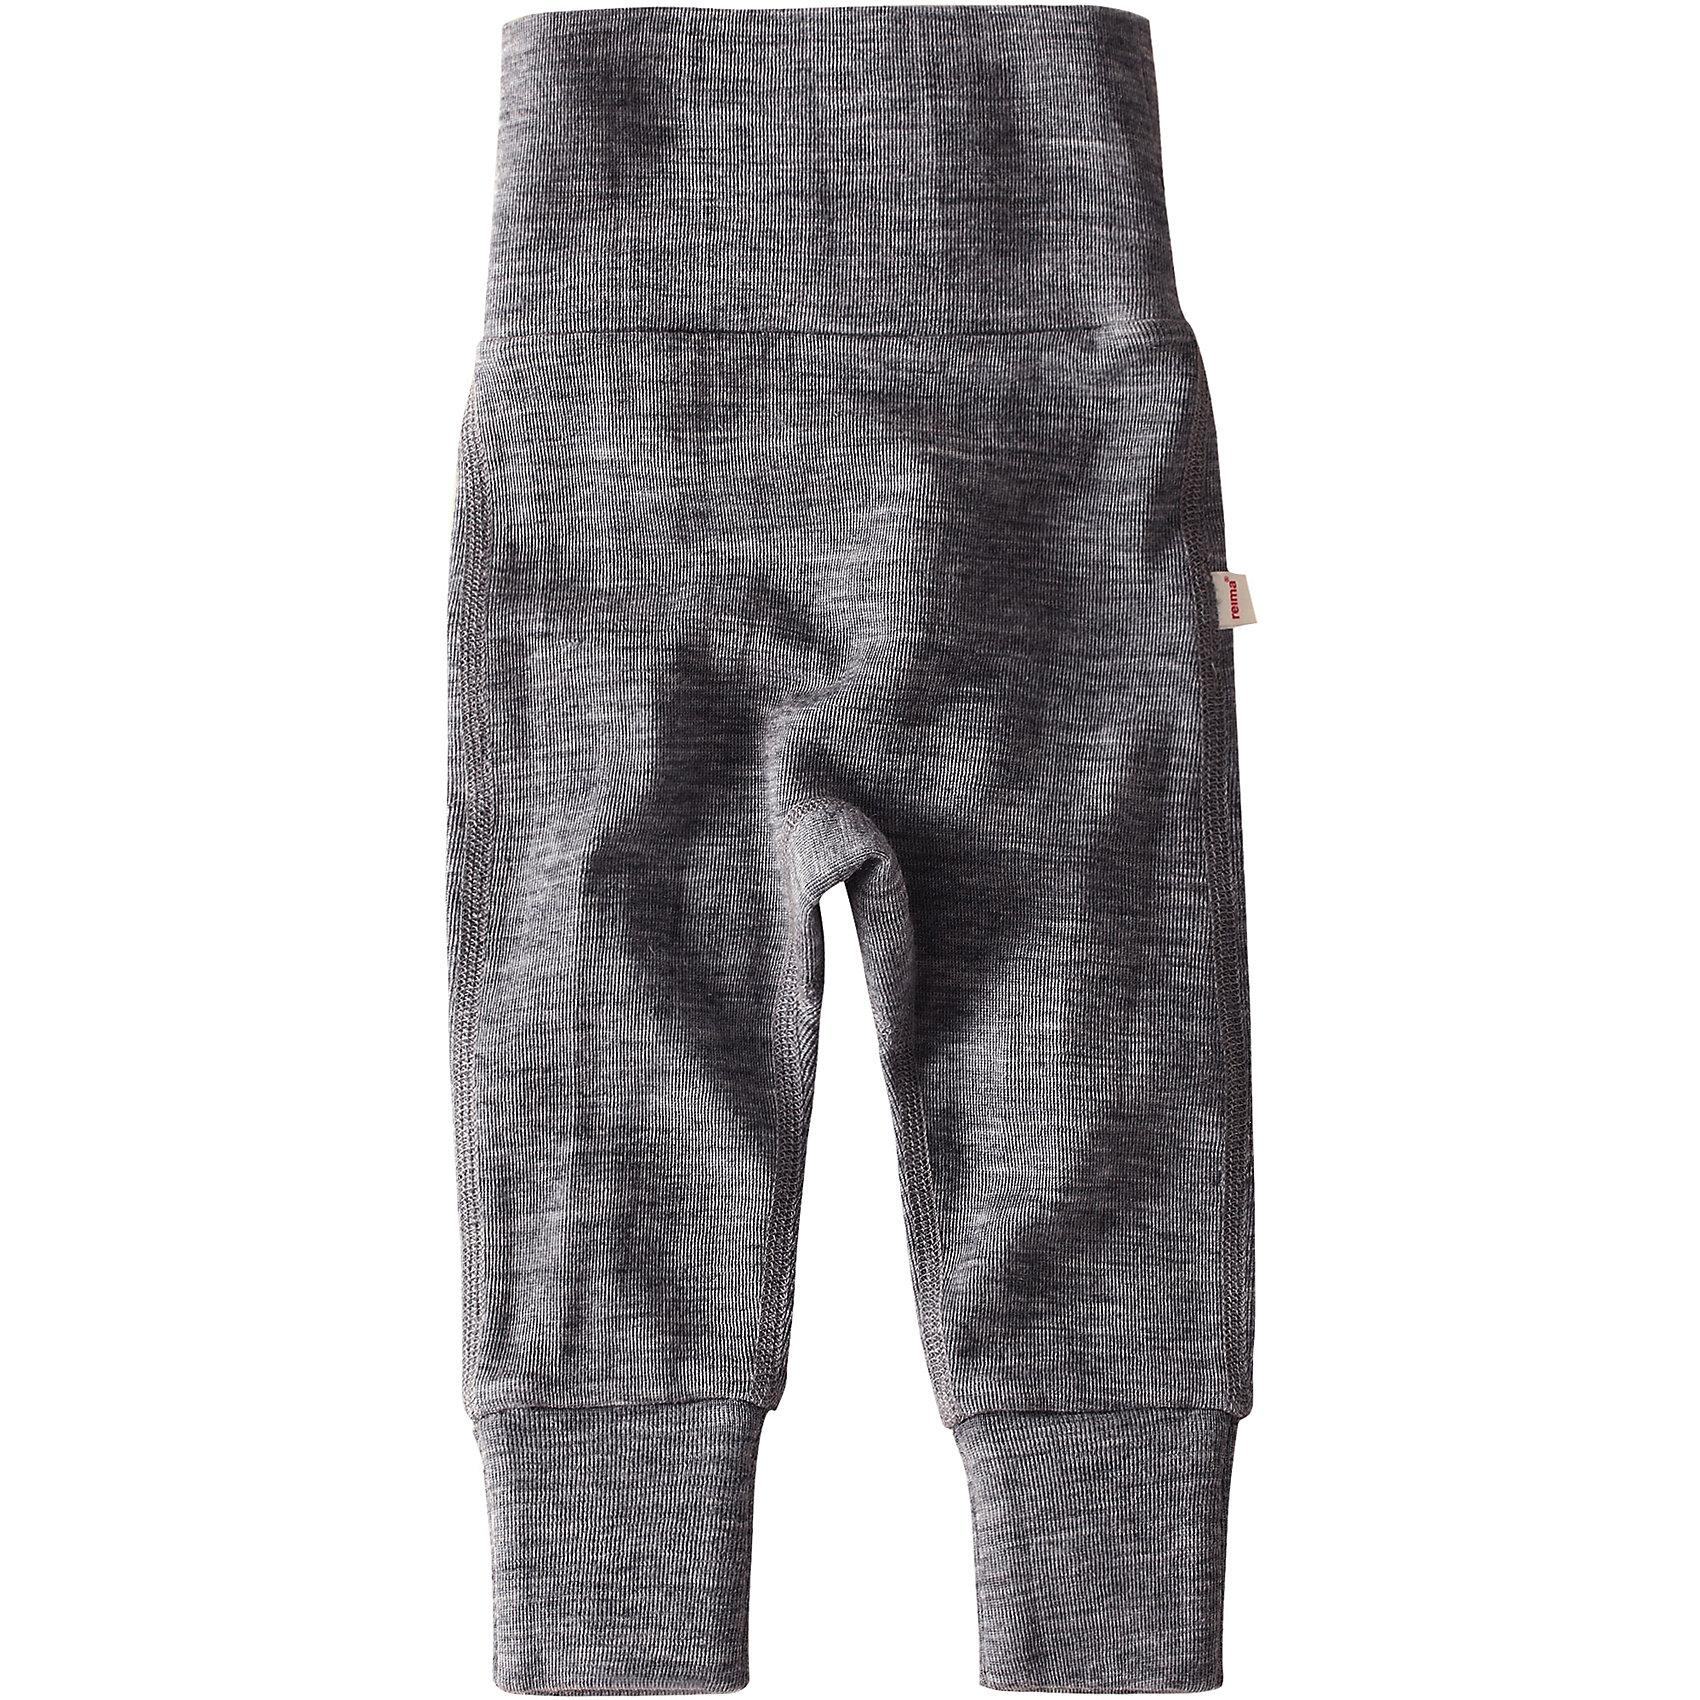 Брюки Kotoisa ReimaПолзунки и штанишки<br>Брюки  Reima<br>Шерстяные брюки для самых маленьких. Эластичный удобный материал. Смесь мягкой мериносовой шерсти и Tencel® для поддержания идеальной температуры тела. Мягкие плоские швы для дополнительного комфорта: не раздражает кожу. Завышенная талия из резинки в рубчик для большего удобства и лучшей посадки. Штанины с подгибом в размерах от 50 до 62 см.<br>Уход:<br>Стирать с бельем одинакового цвета, вывернув наизнанку. Придать первоначальную форму вo влажном виде. Стирать моющим средством, не содержащим отбеливающие вещества. Сушить при низкой температуре. <br>Состав:<br>72% Шерсть, 28% лиоцелл<br><br>Ширина мм: 215<br>Глубина мм: 88<br>Высота мм: 191<br>Вес г: 336<br>Цвет: серый<br>Возраст от месяцев: 6<br>Возраст до месяцев: 9<br>Пол: Унисекс<br>Возраст: Детский<br>Размер: 74,80,62,68,50,56<br>SKU: 4775468